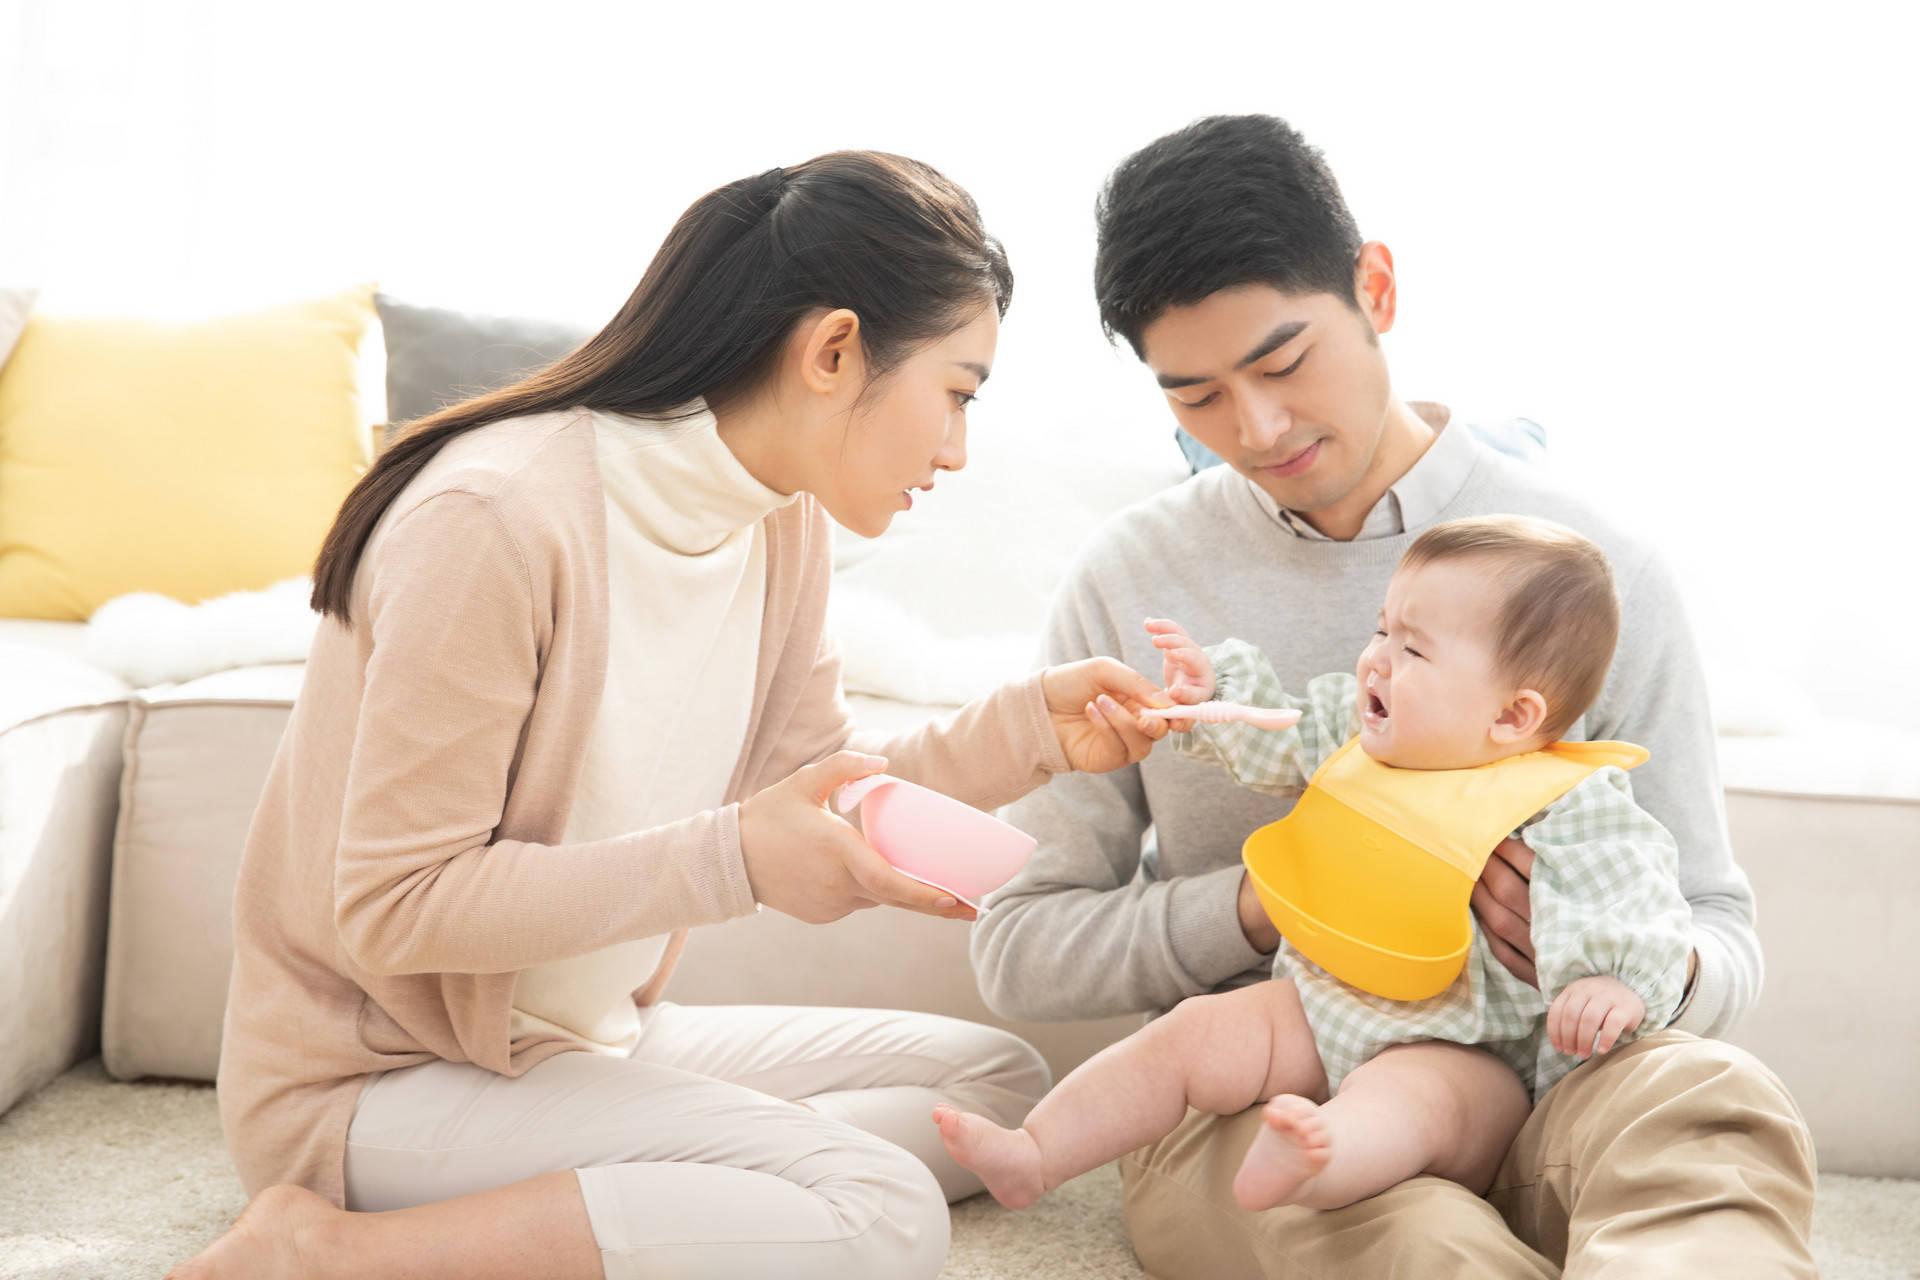 孩子添加辅食时,家长要避免十个误区,别等宝宝生病才后悔  第4张